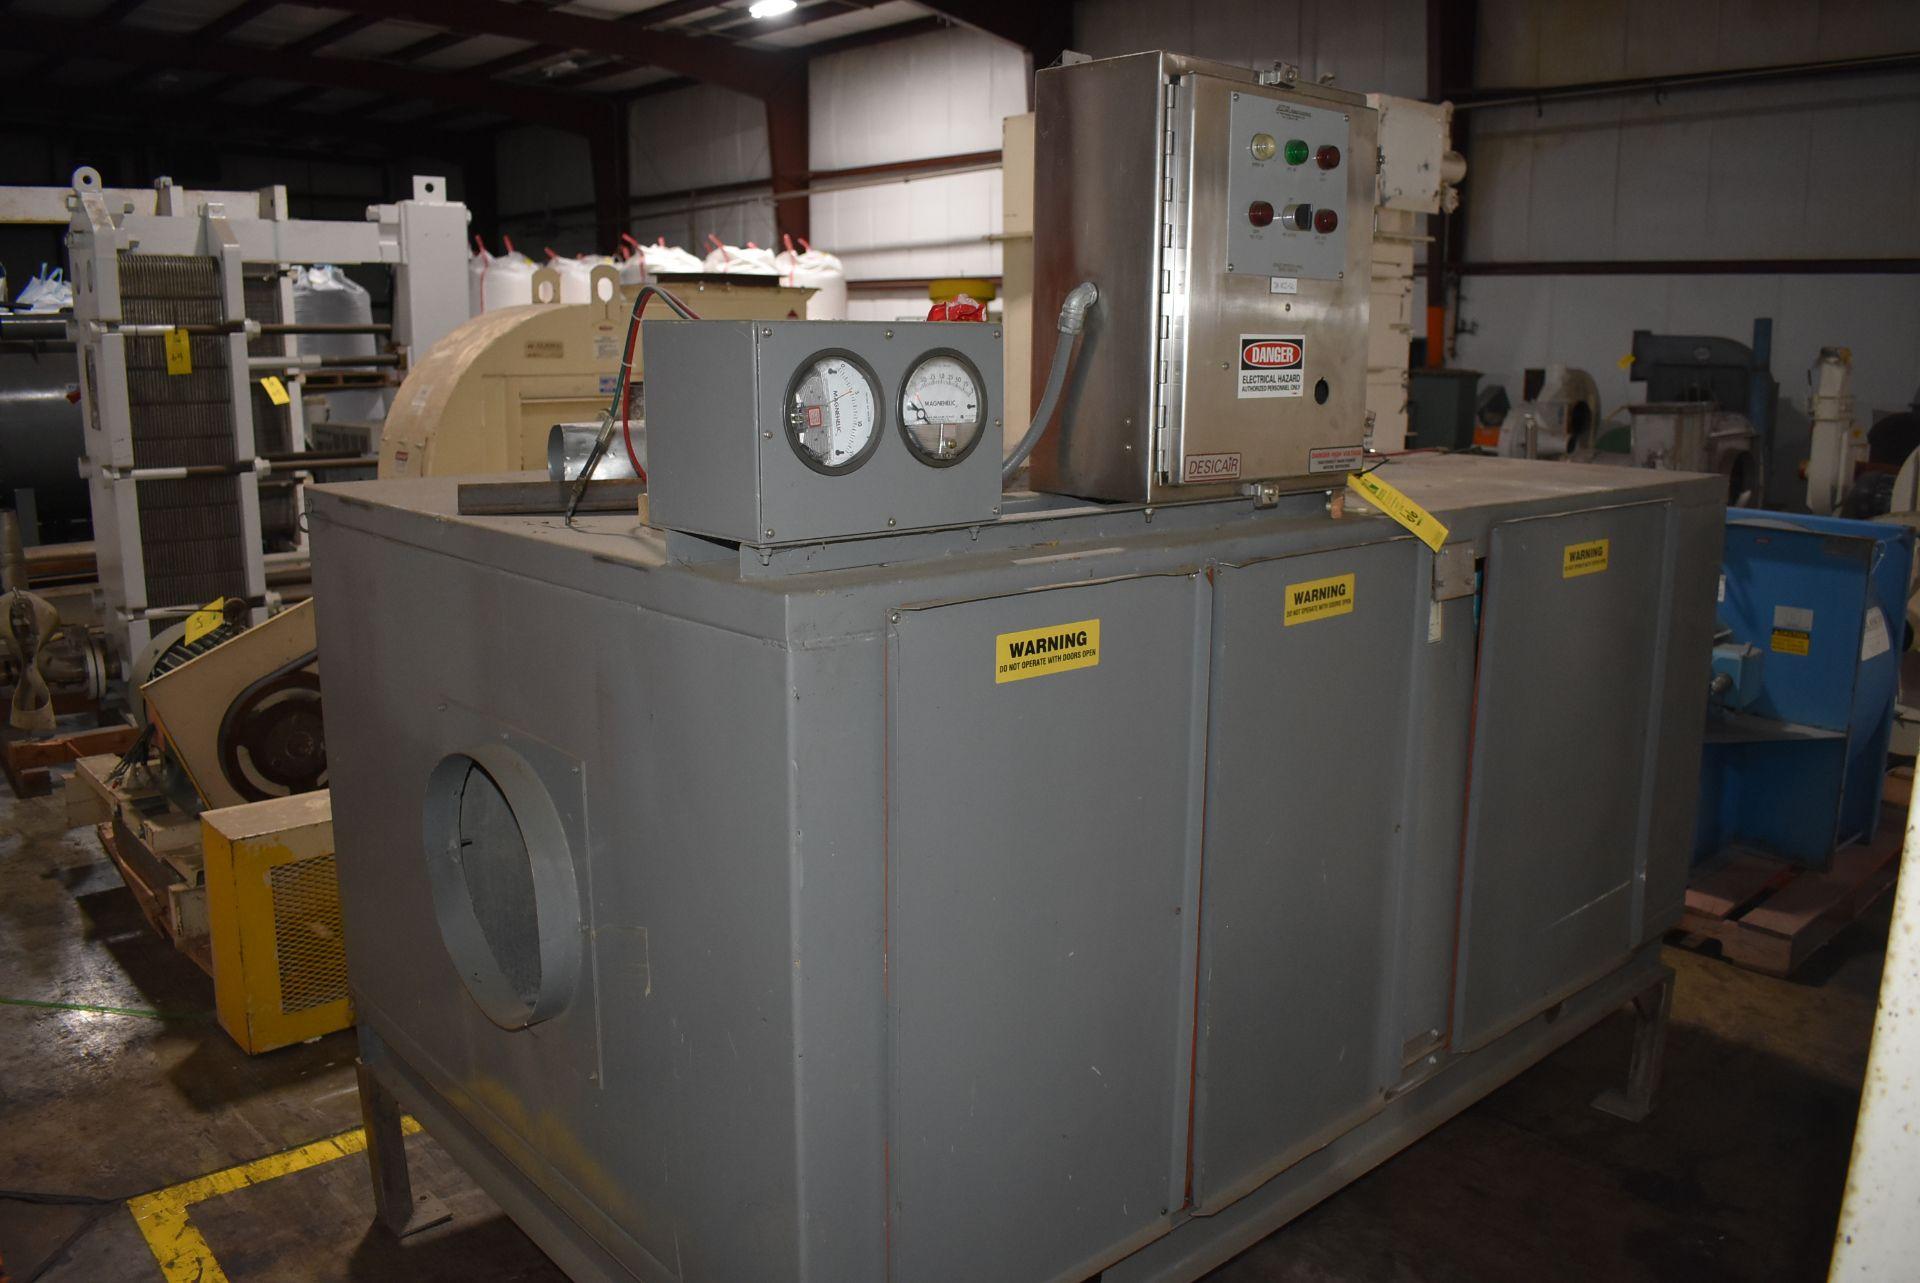 Desicair Model #AHU-1200 Air Handler, Process Air Rated 1200 ACFM, SN 9709812